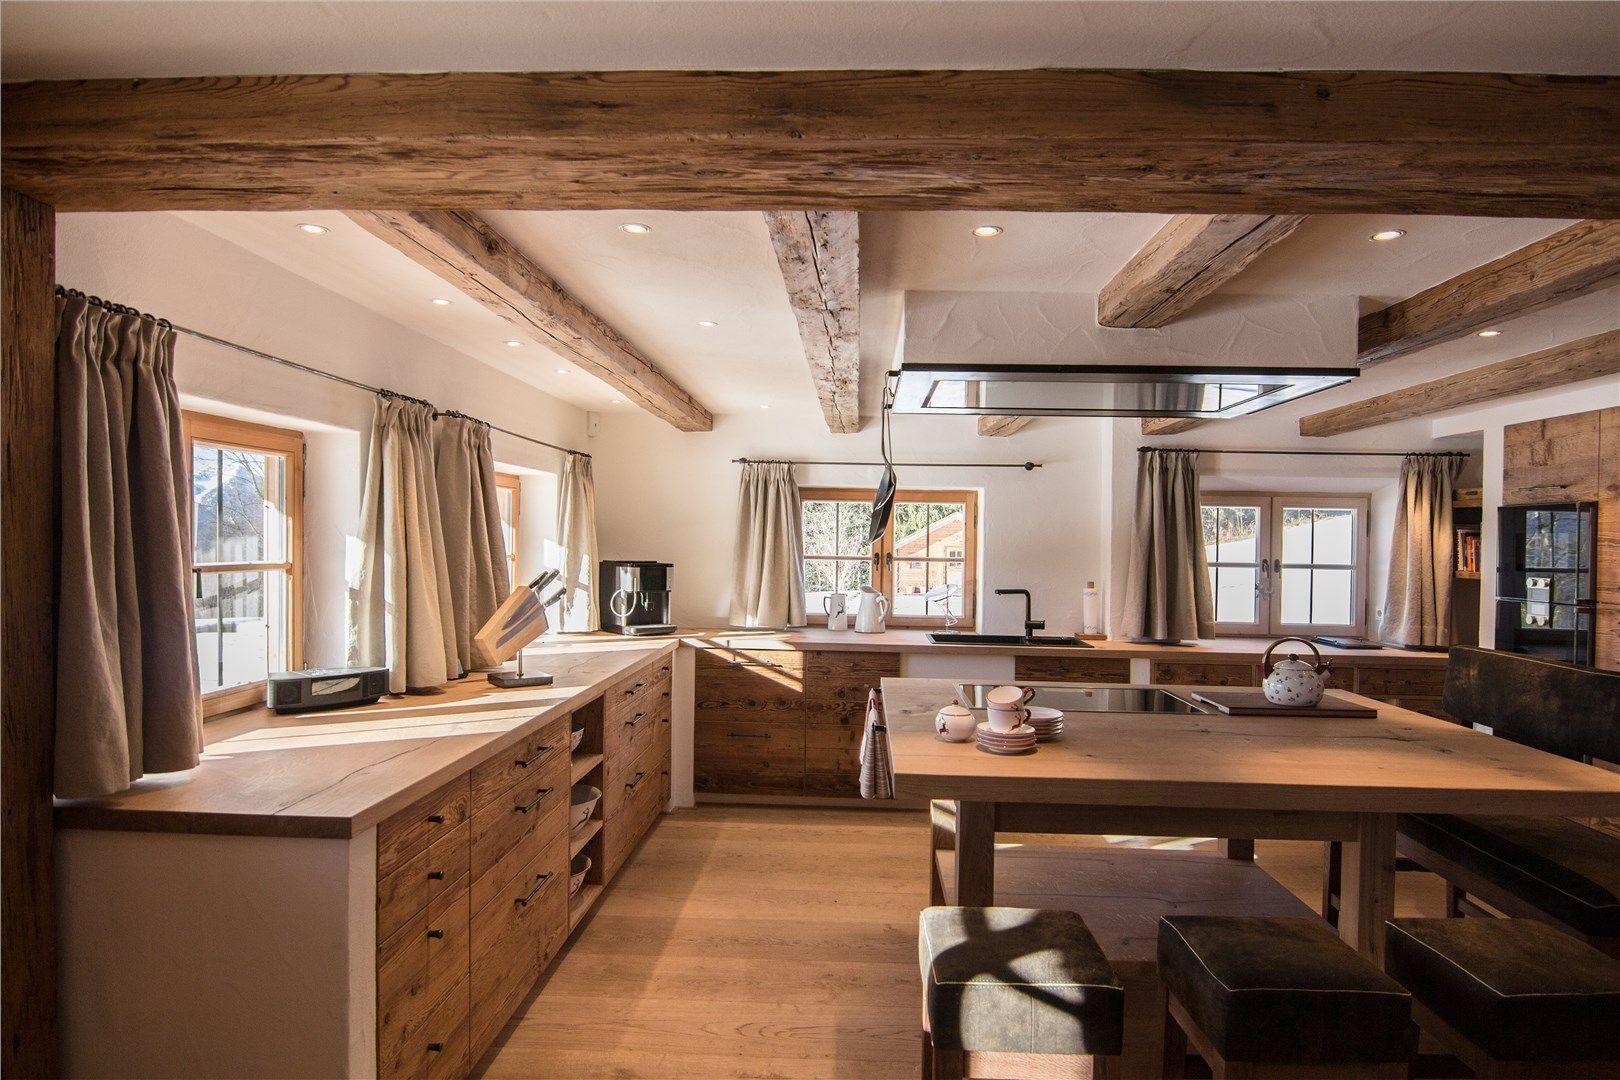 Full Size of Küchen Rustikal Bauernkche Recherche Google Regal Rustikaler Esstisch Holz Rustikales Bett Küche Wohnzimmer Küchen Rustikal